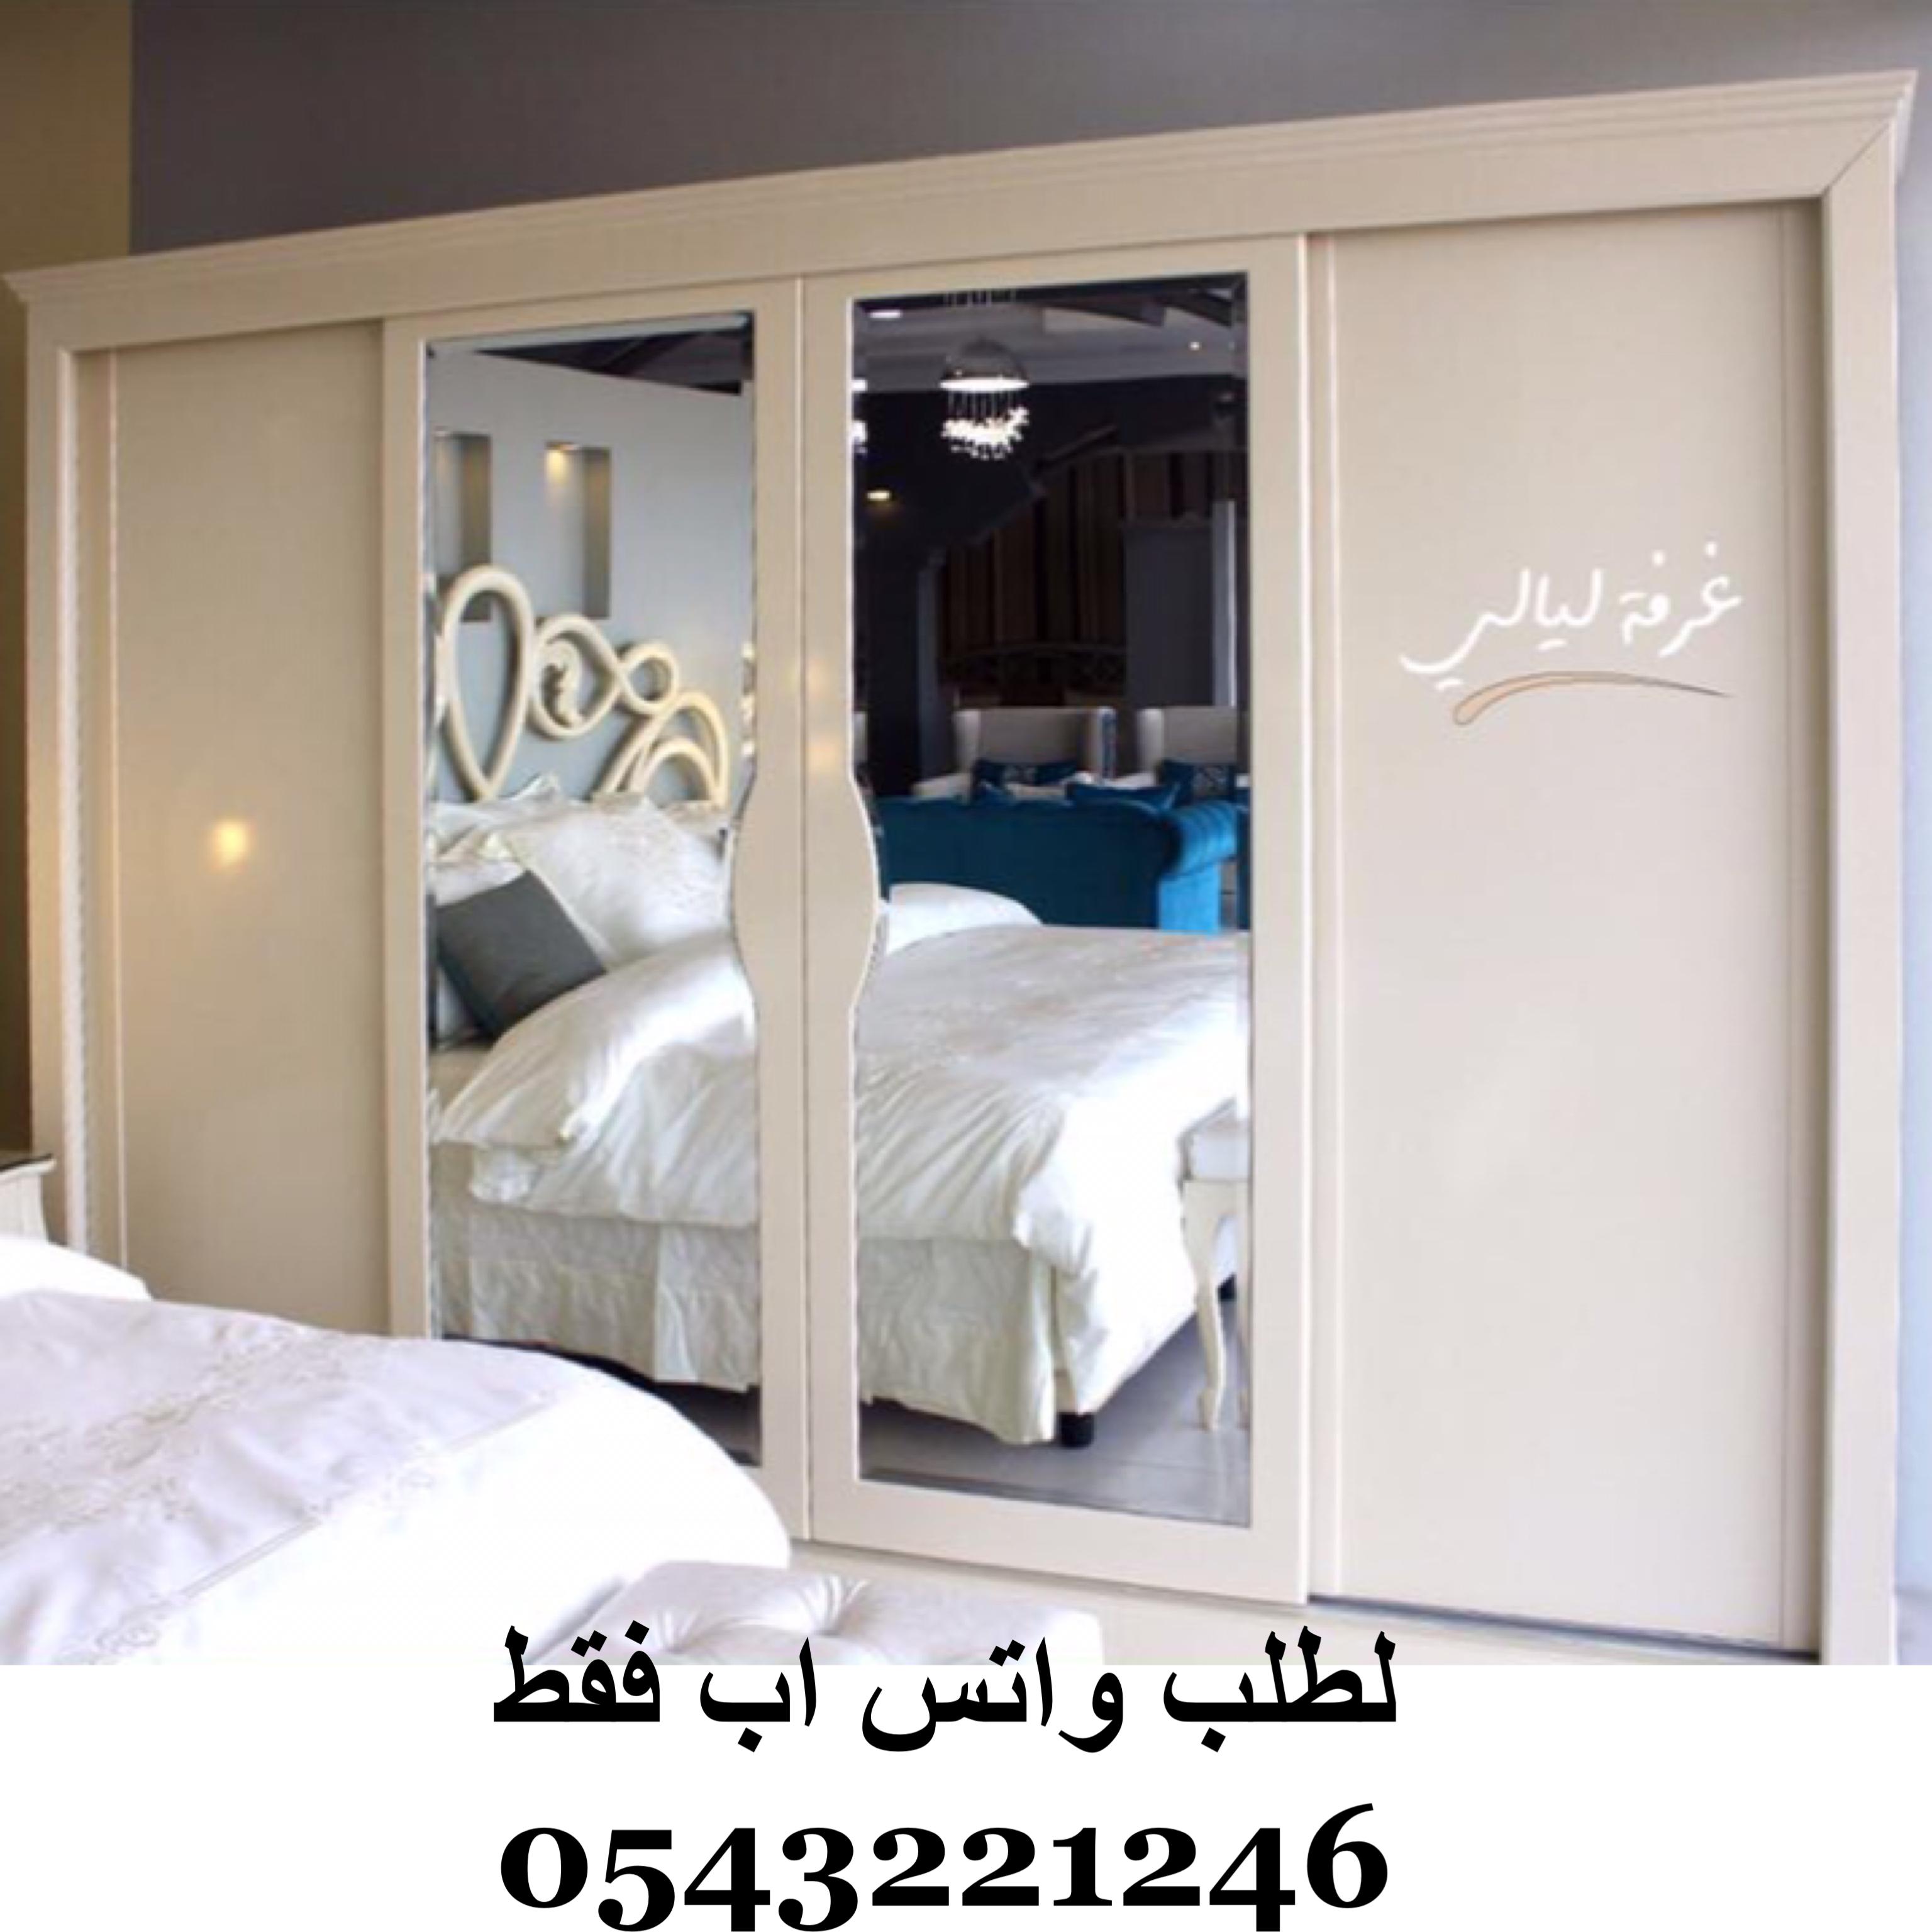 للبيع غرفة نوم ليالي ضمان 10 سنوات p_618en50e1.jpg